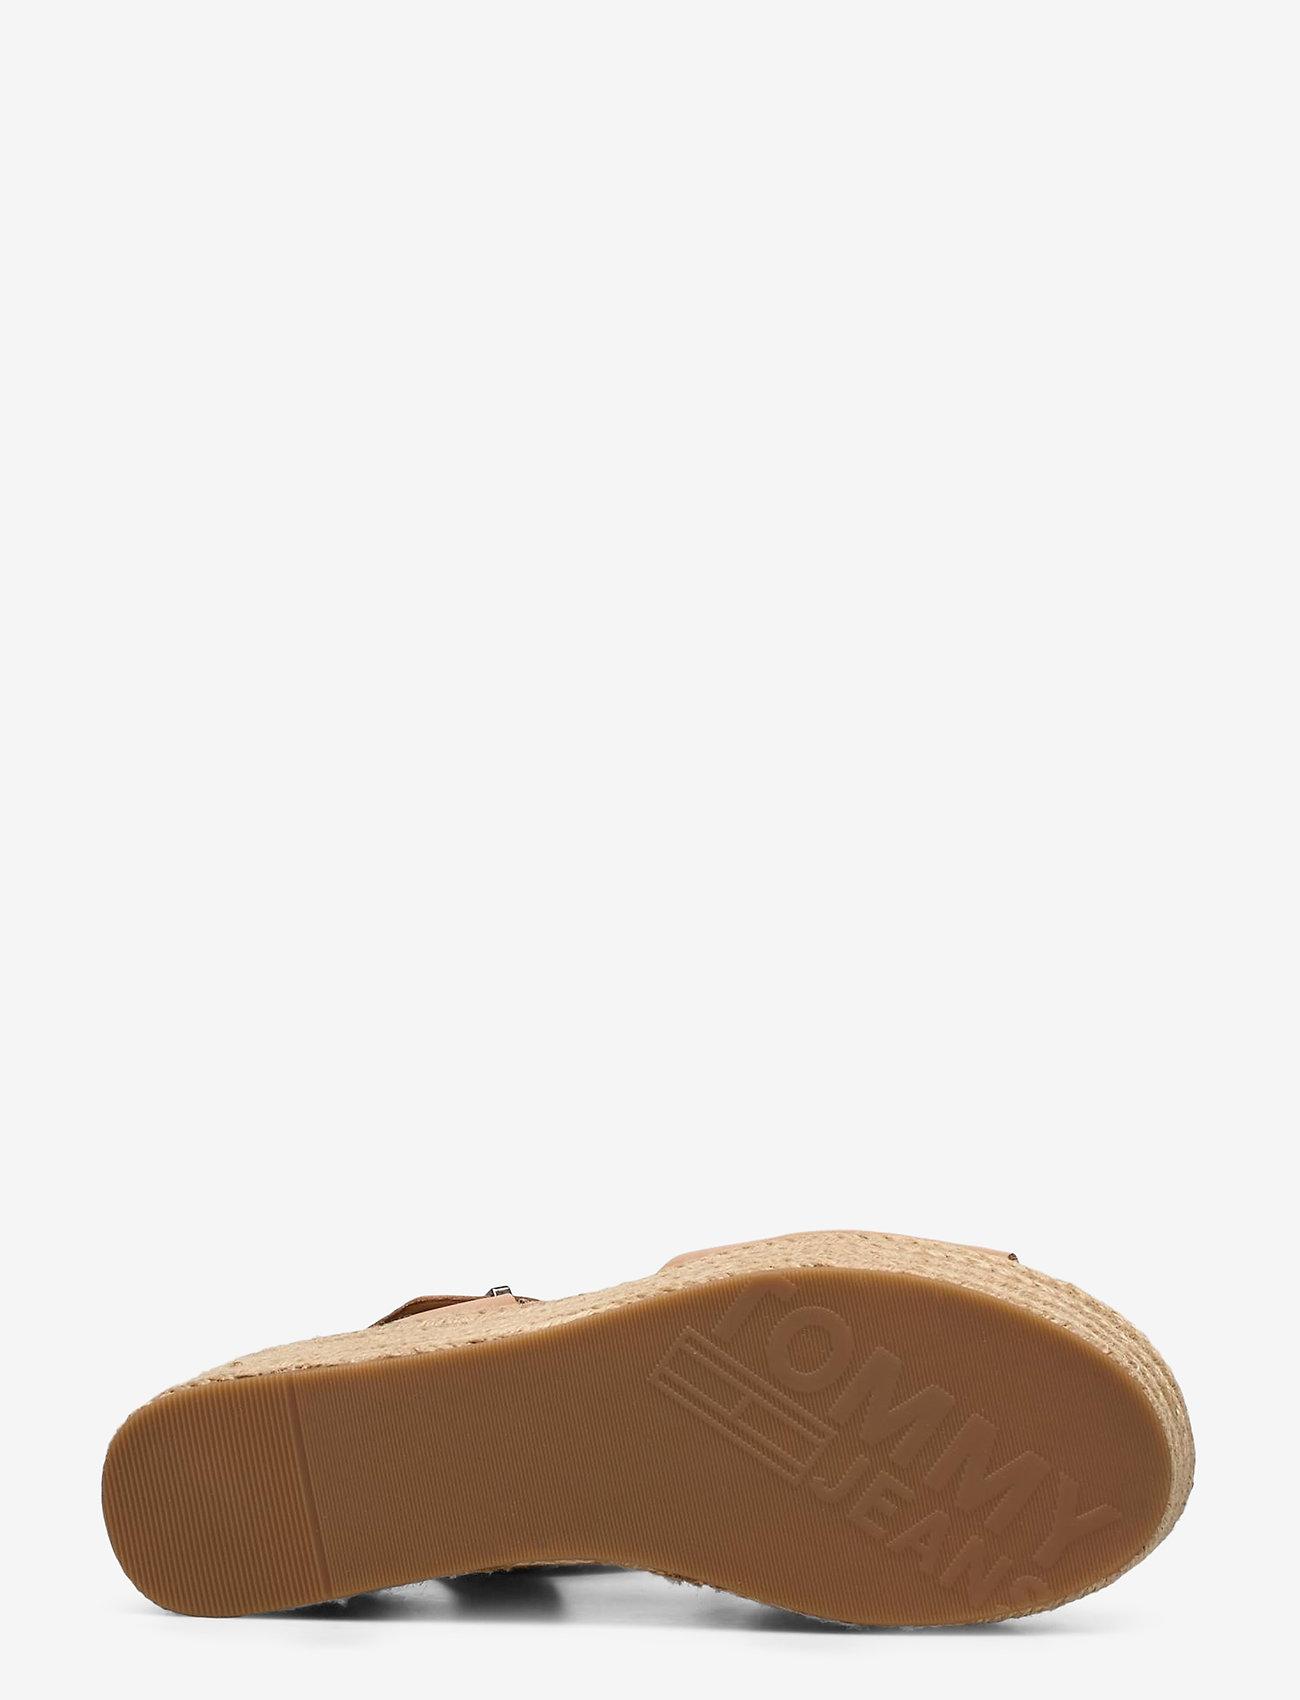 Tommy Hilfiger Natural Flatform Sandal - Espadriller Dusty Bronze